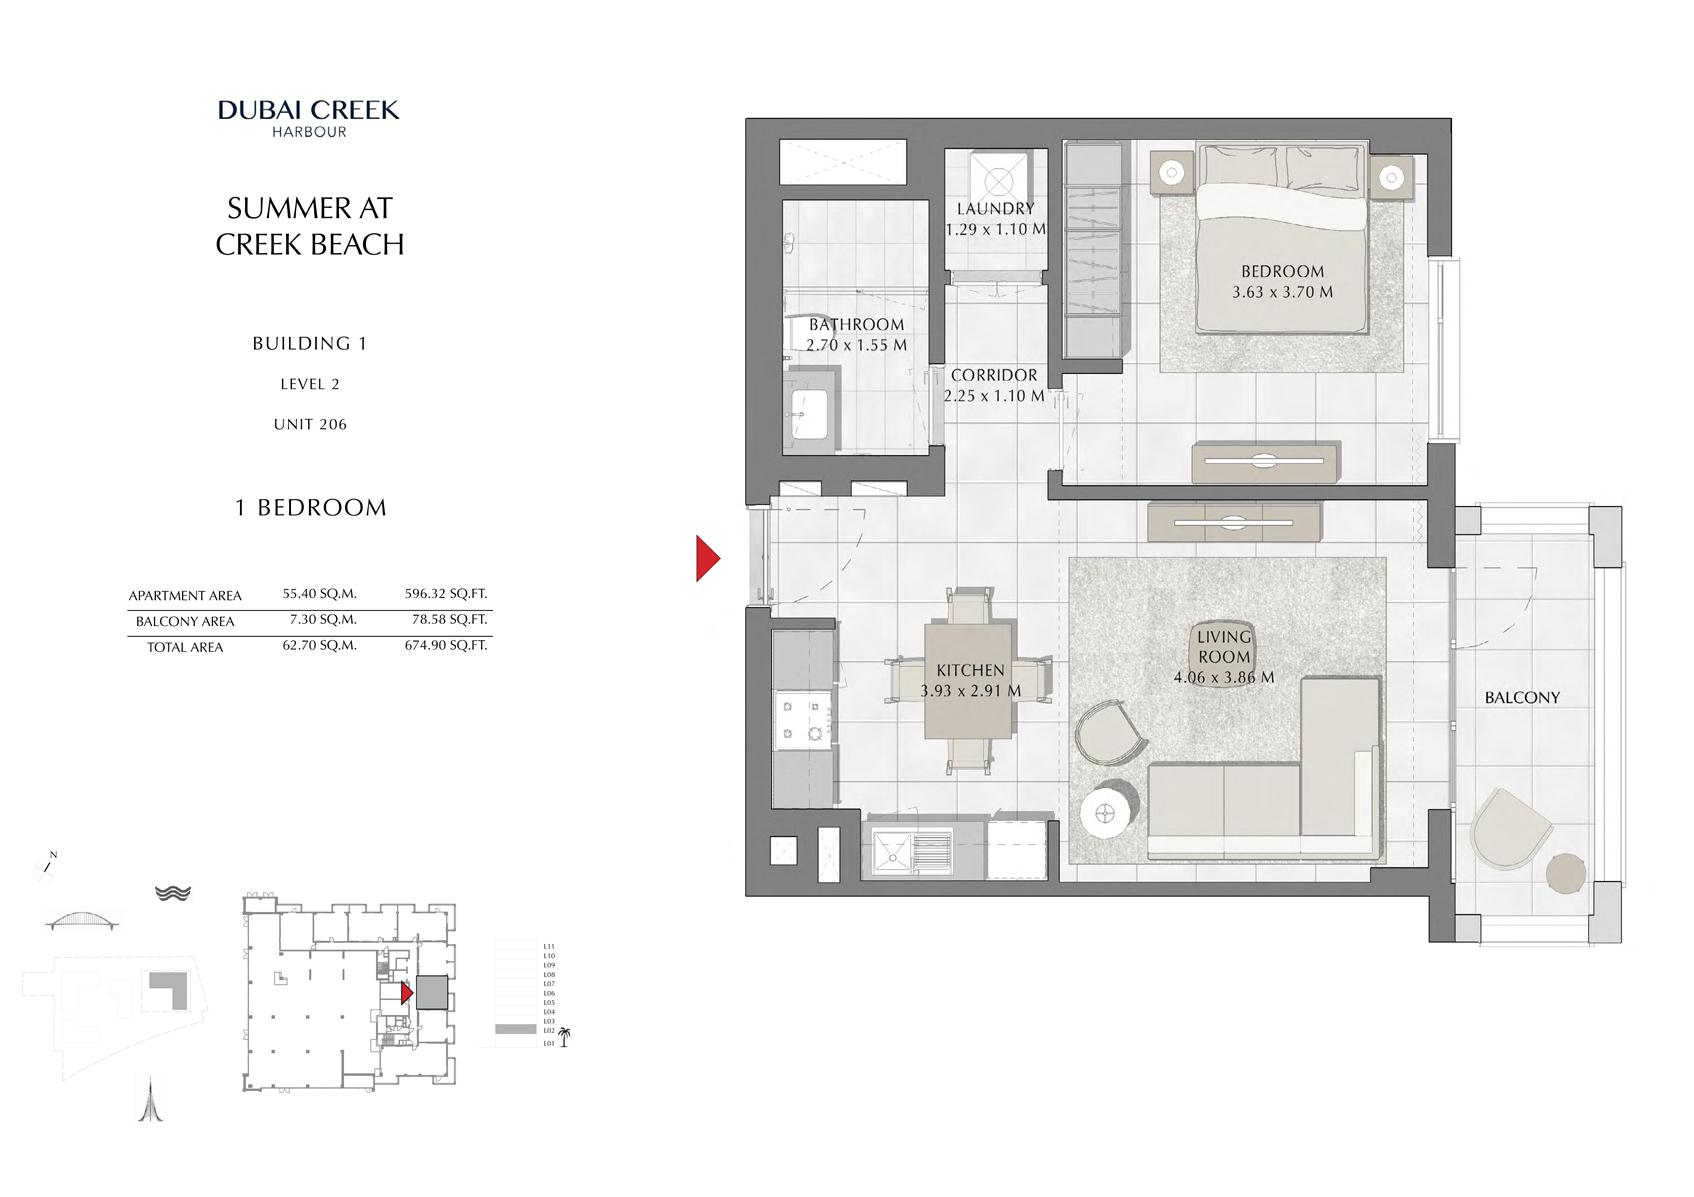 1 Br Building 1 Level 2 Unit 206, Size 674 Sq Ft